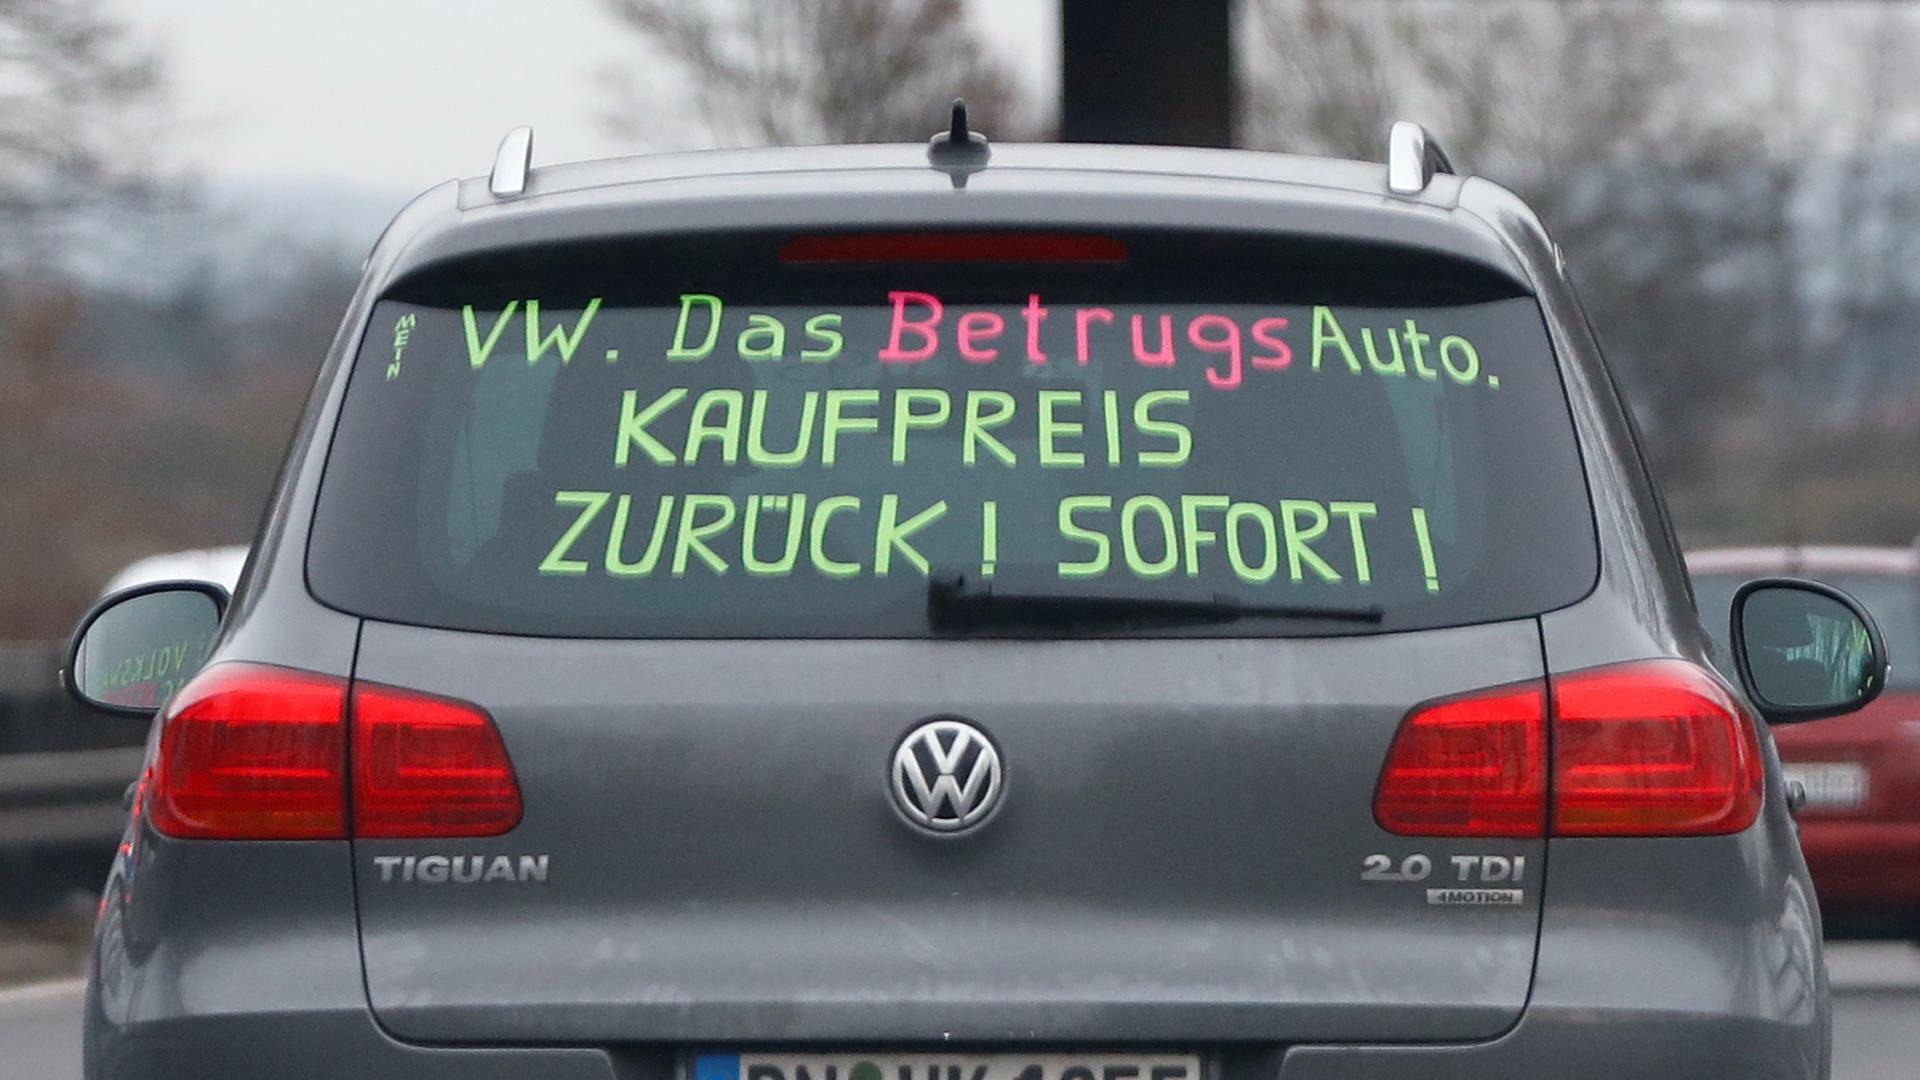 cf41e2ede14dca Der Diesel verliert bei Autokäufern deutlich an Attraktivität